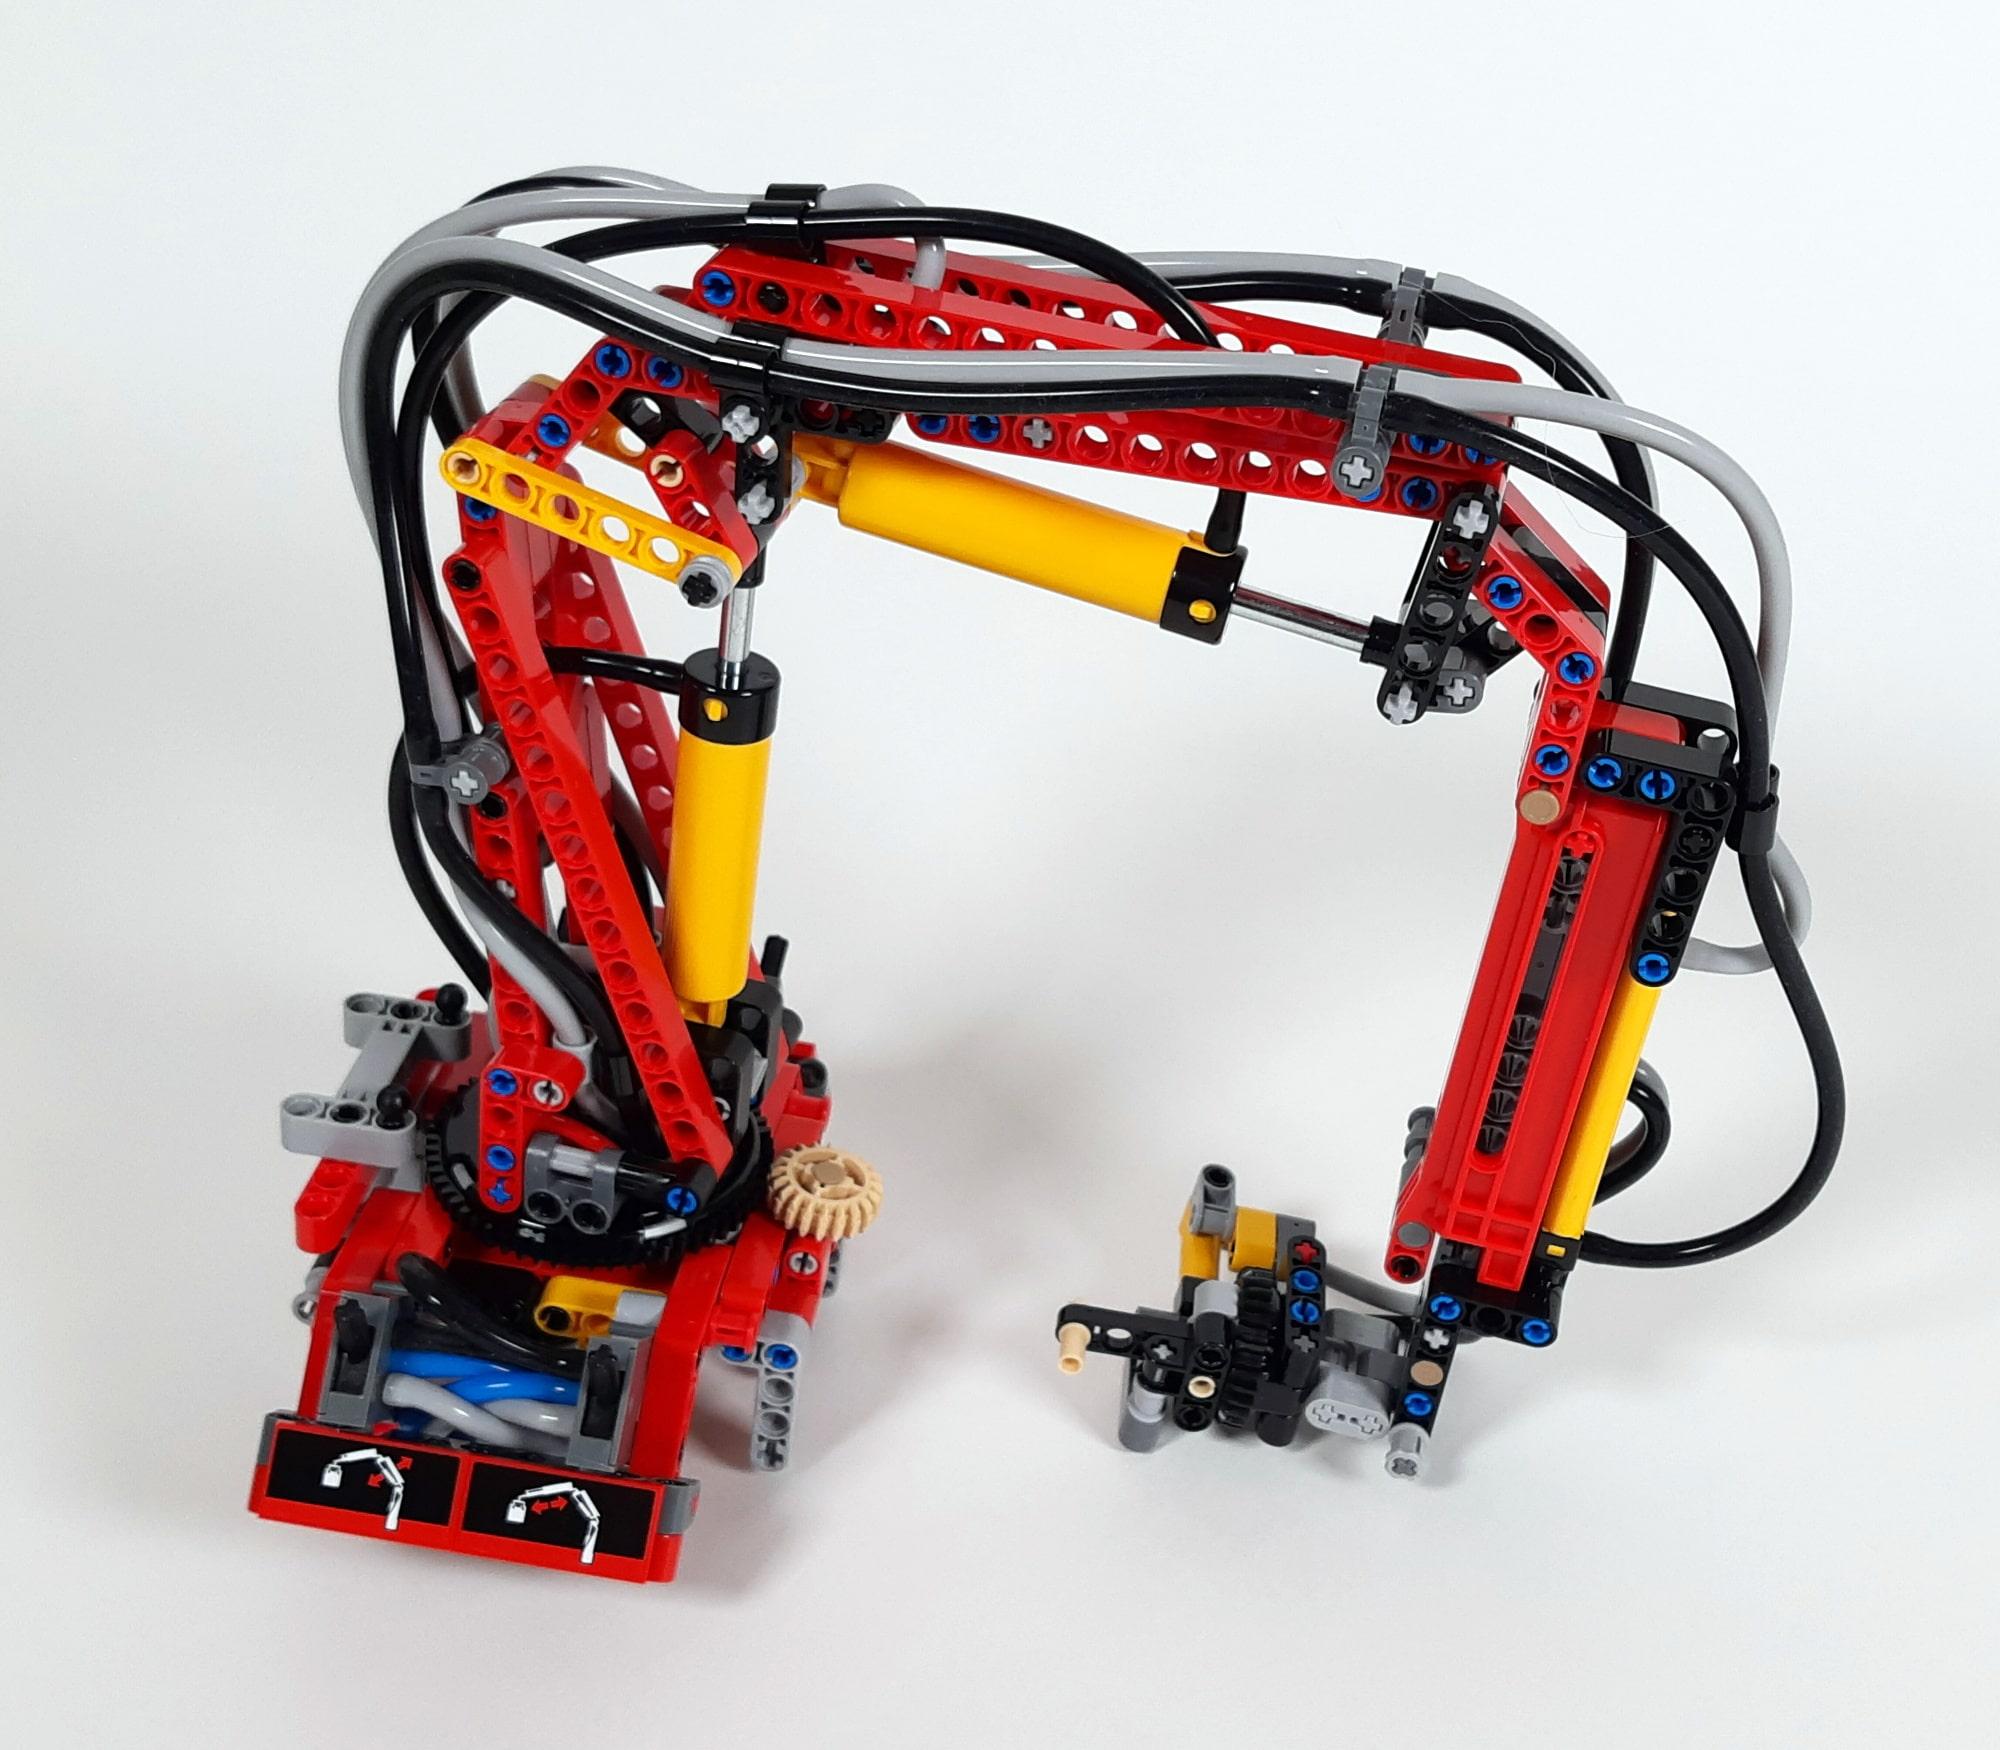 LEGO 42023 Mercedes-Benz Arocs B-Modell - Bauabschnitt Ladekran 01